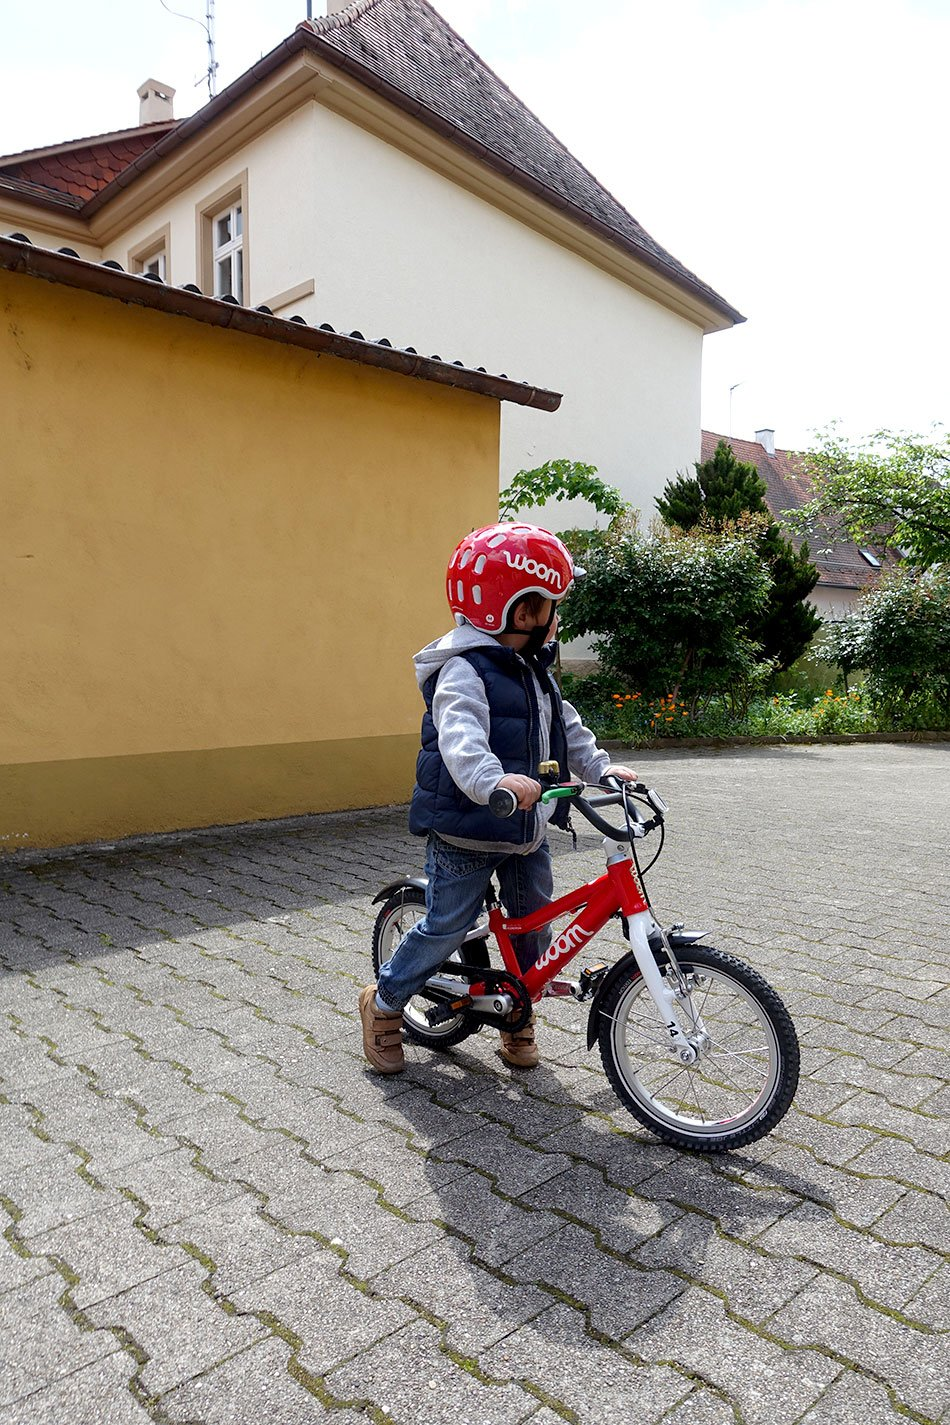 woom bike, kinderfahrrad, Tipps für den Straßenverkehr